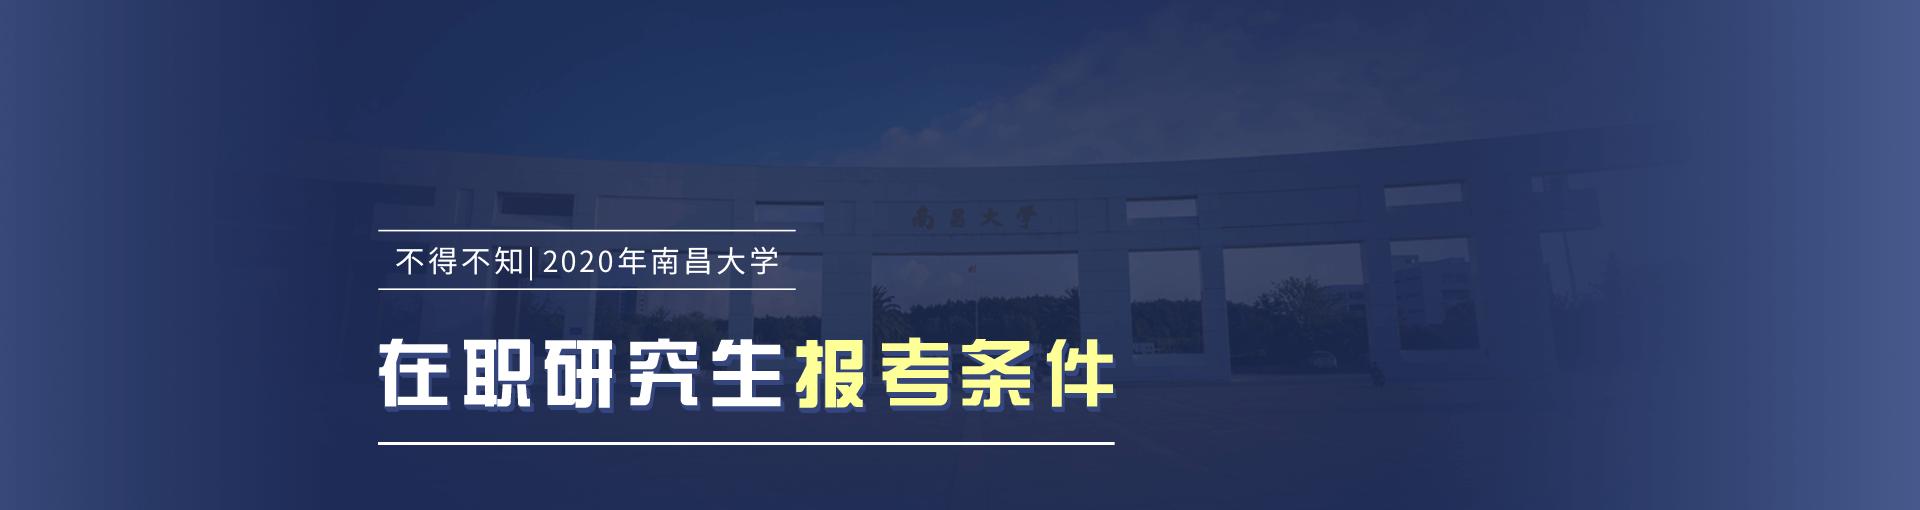 2019年南昌大学在职研究生报考条件详解!